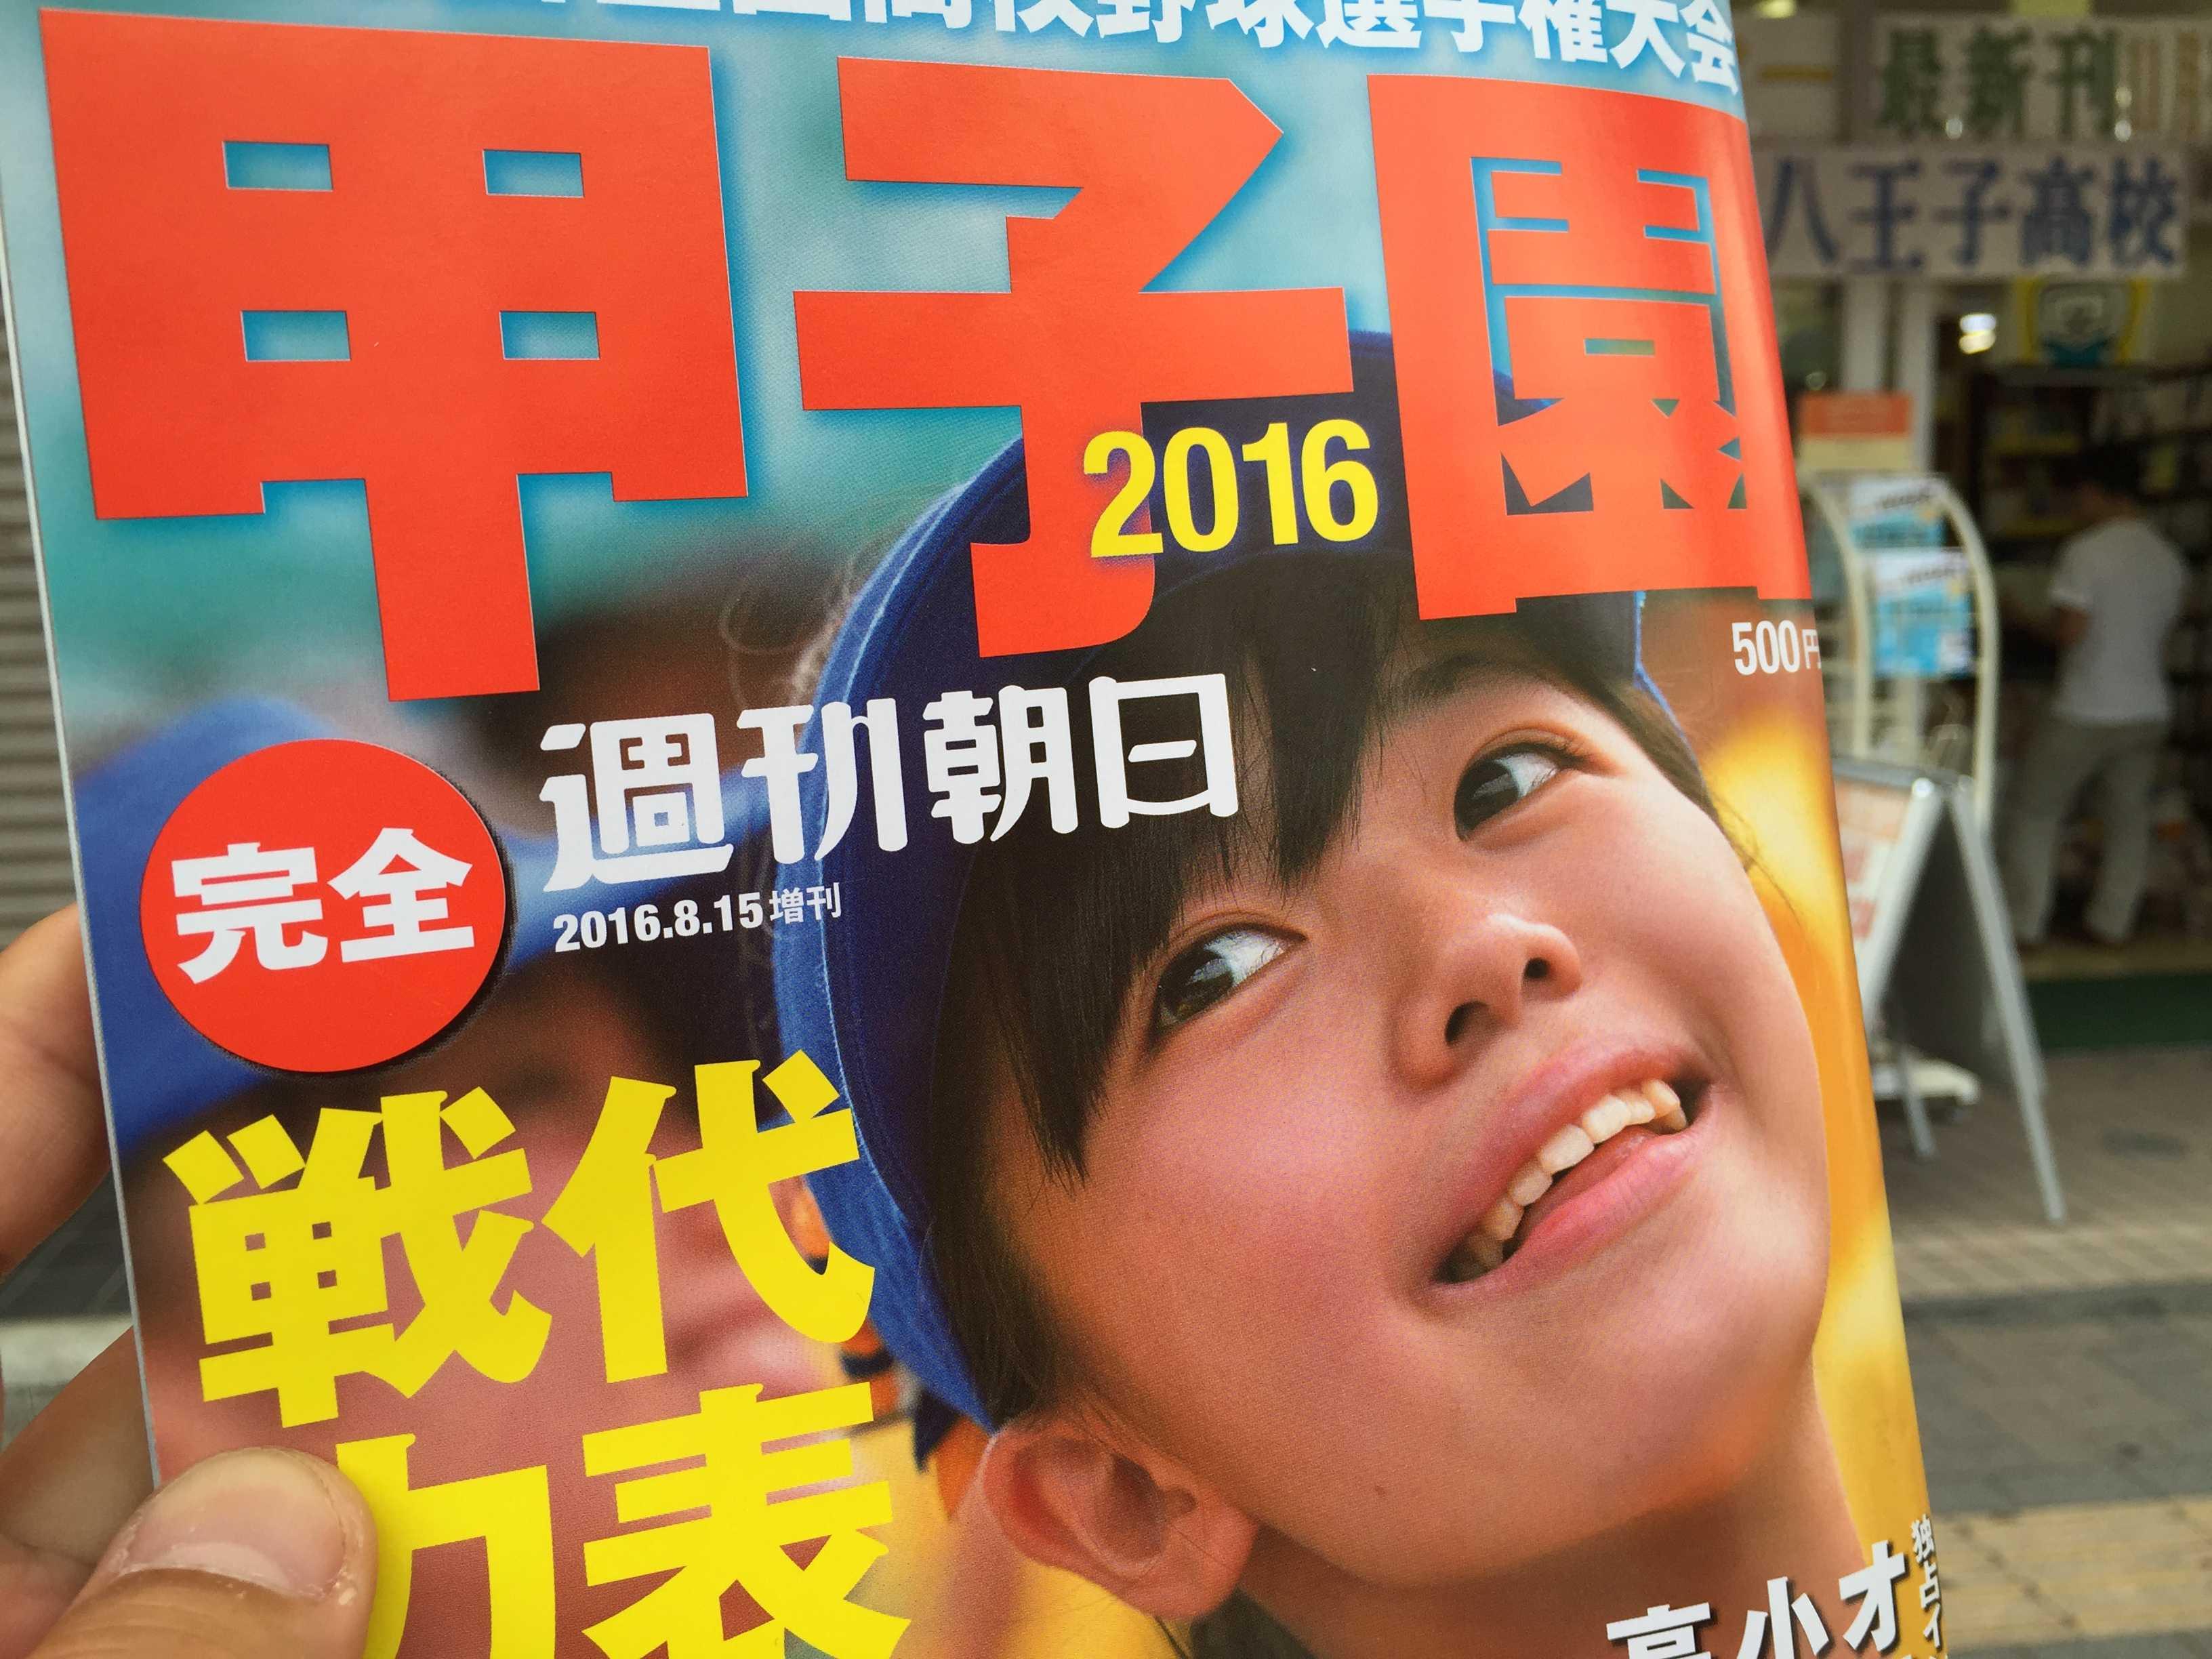 週刊朝日「甲子園 2016」